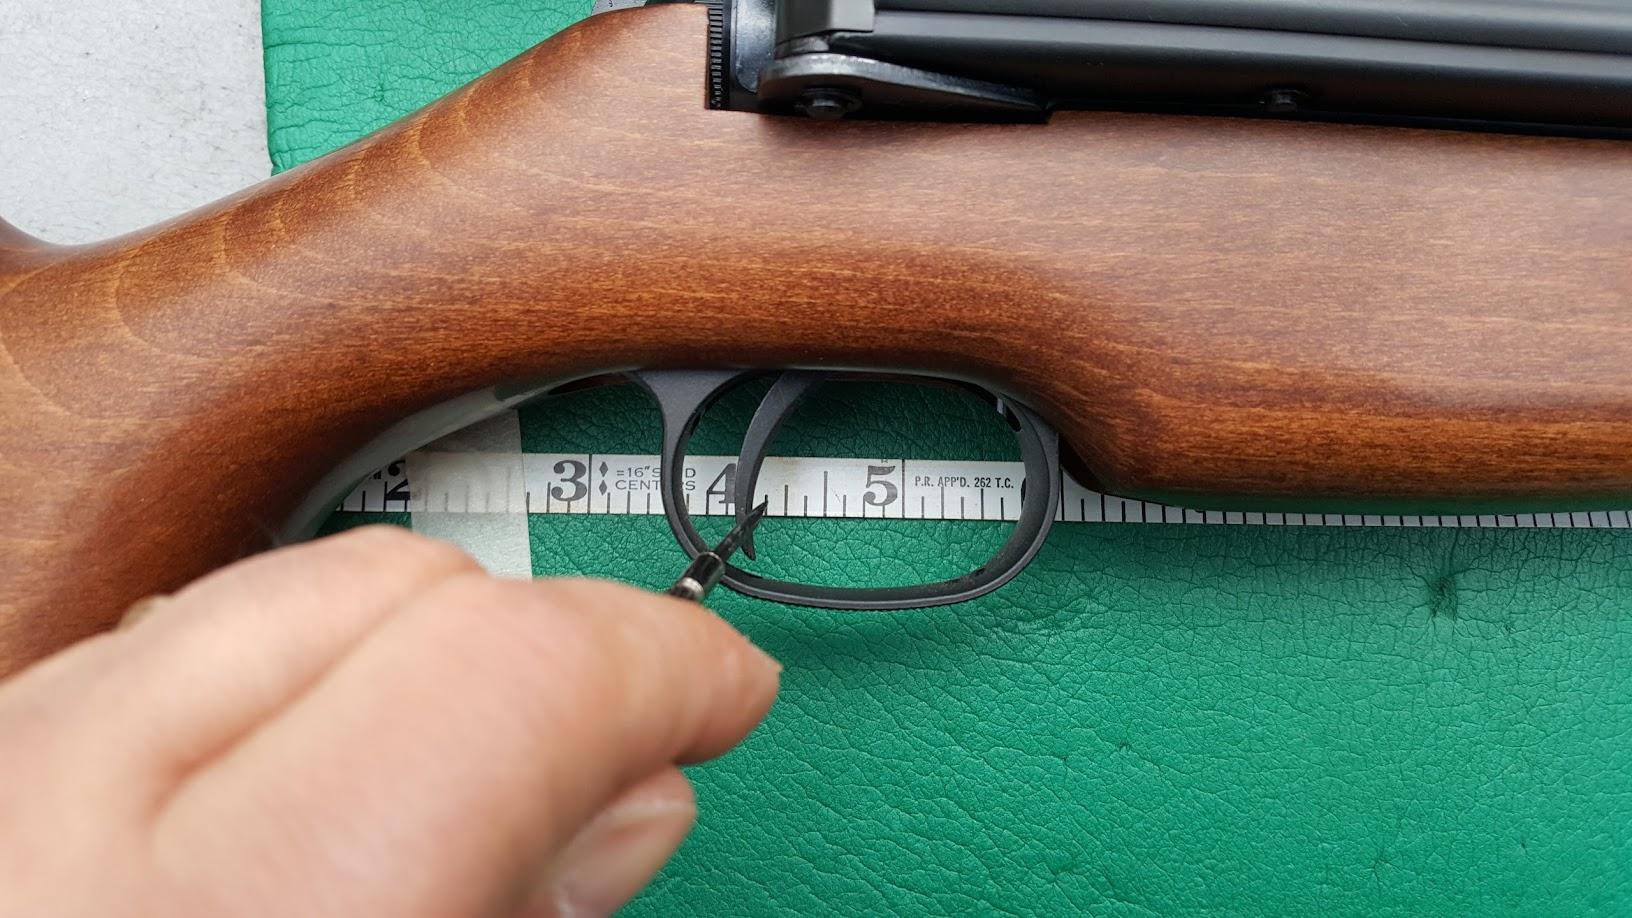 T06 trigger adjustment - Break Barrel, Pumper and Springer Airguns